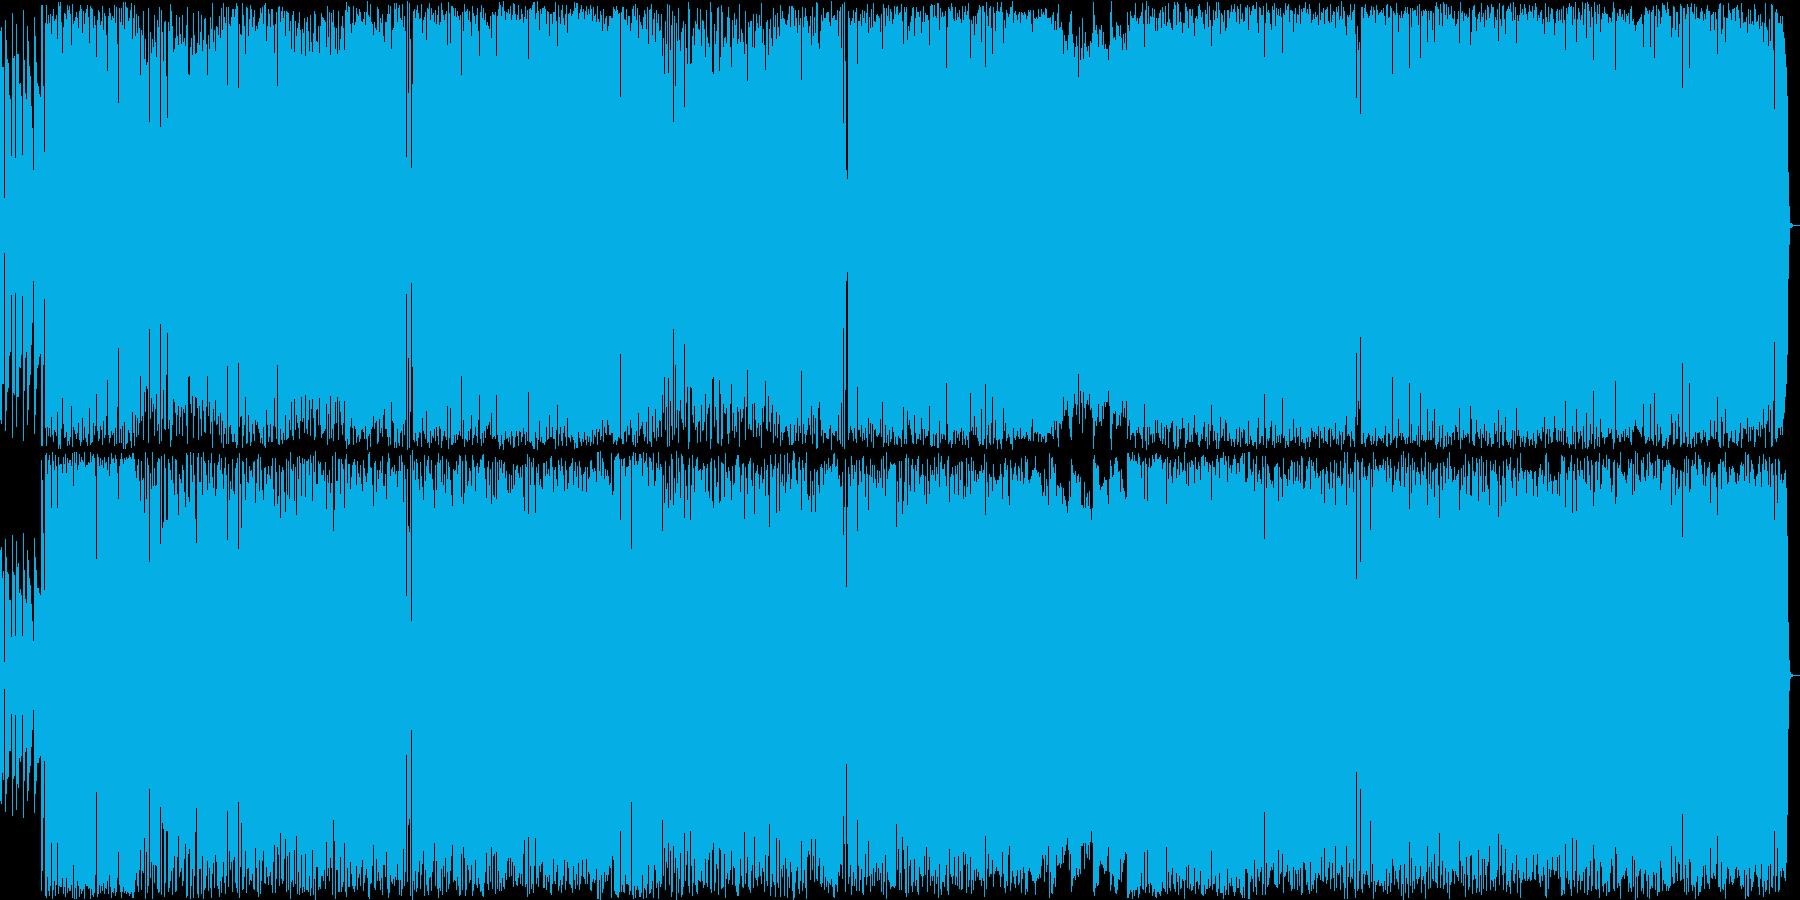 エッジの効いたROCK 生演奏の再生済みの波形